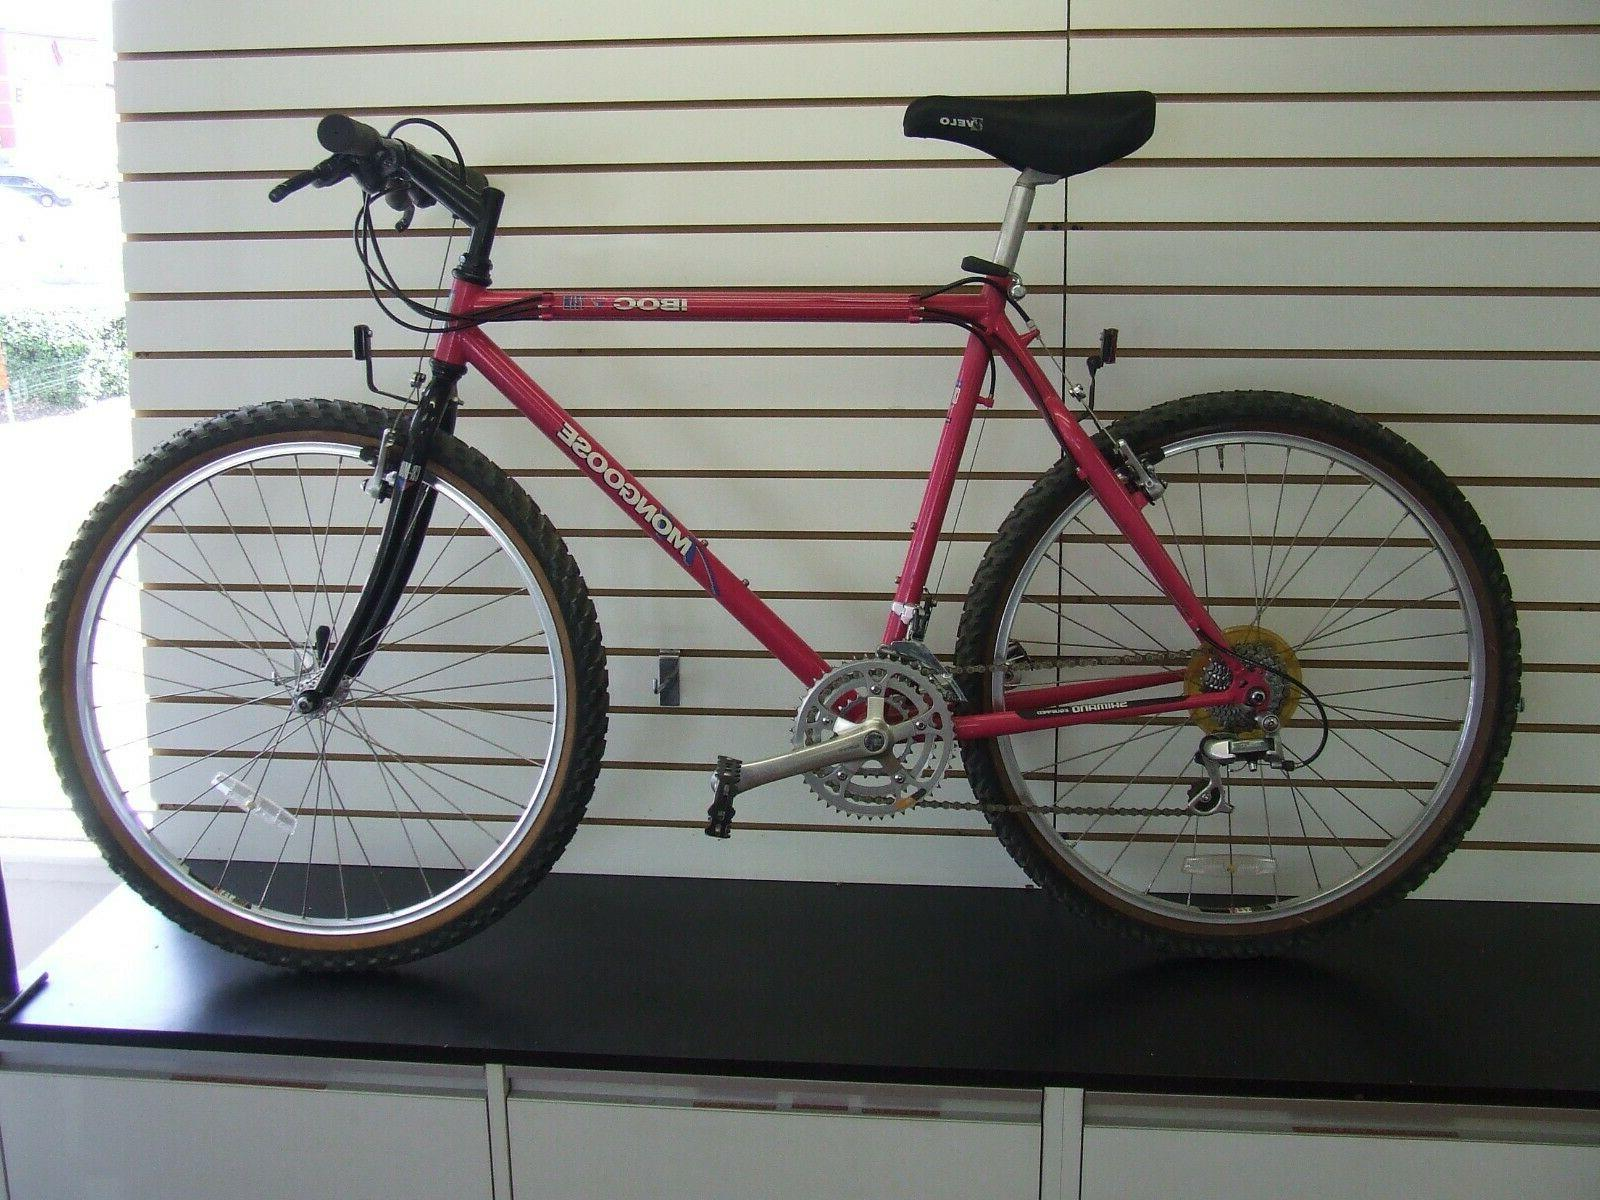 iboc team vintage mtn bicycle 1991